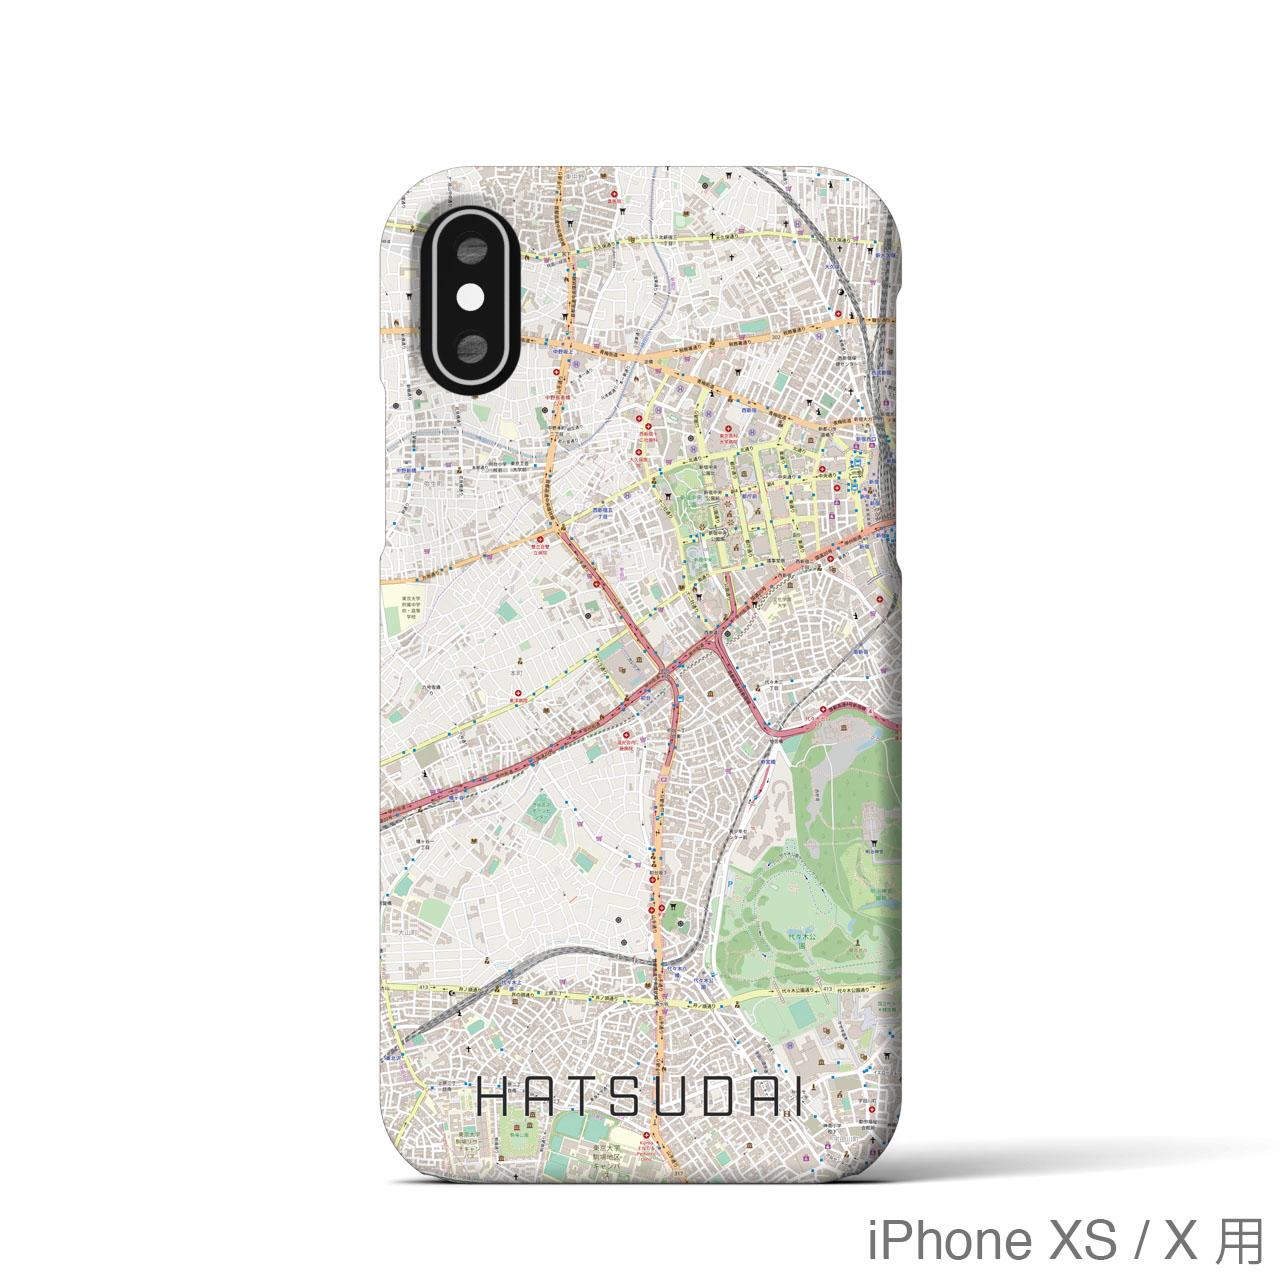 【初台】地図柄iPhoneケース(ナチュラル)